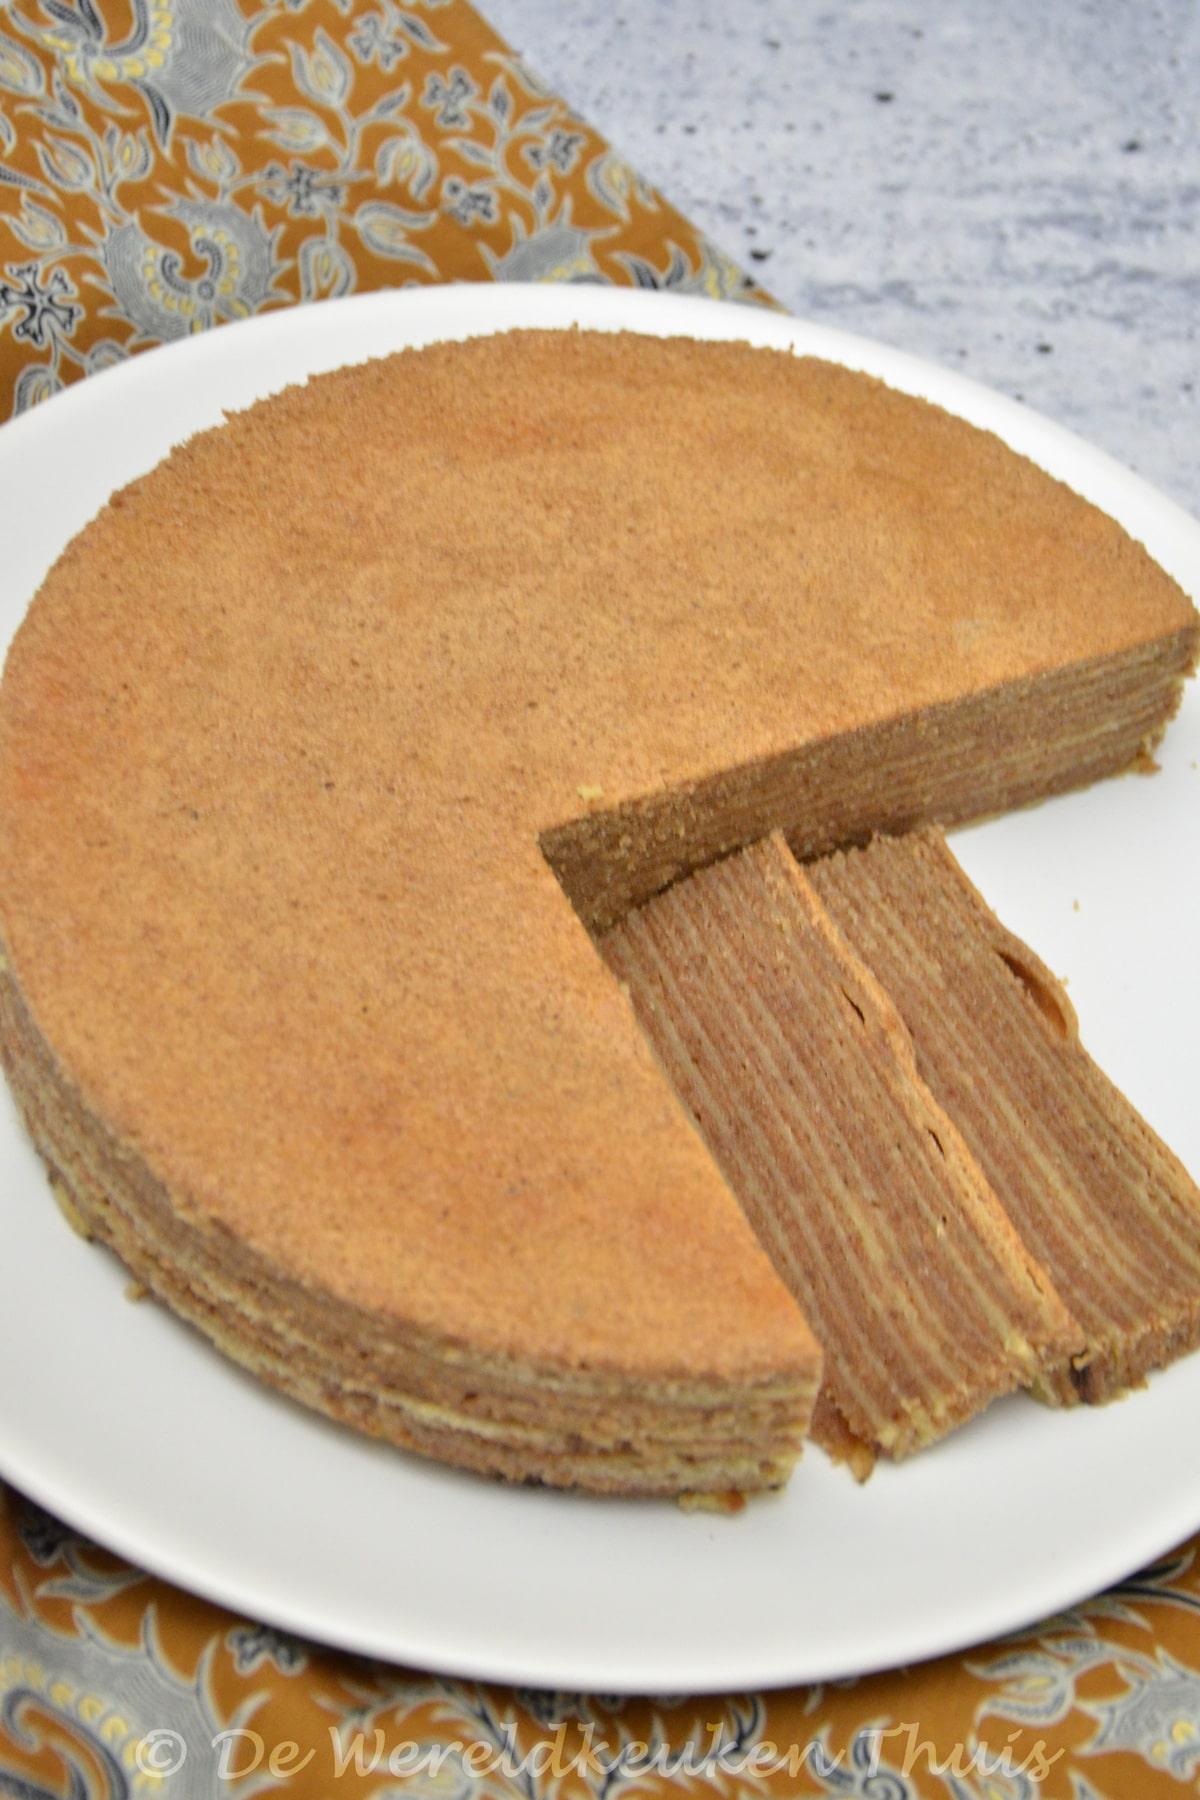 Oma's Indische spekkoek als aangesneden cake met 2 plakjes